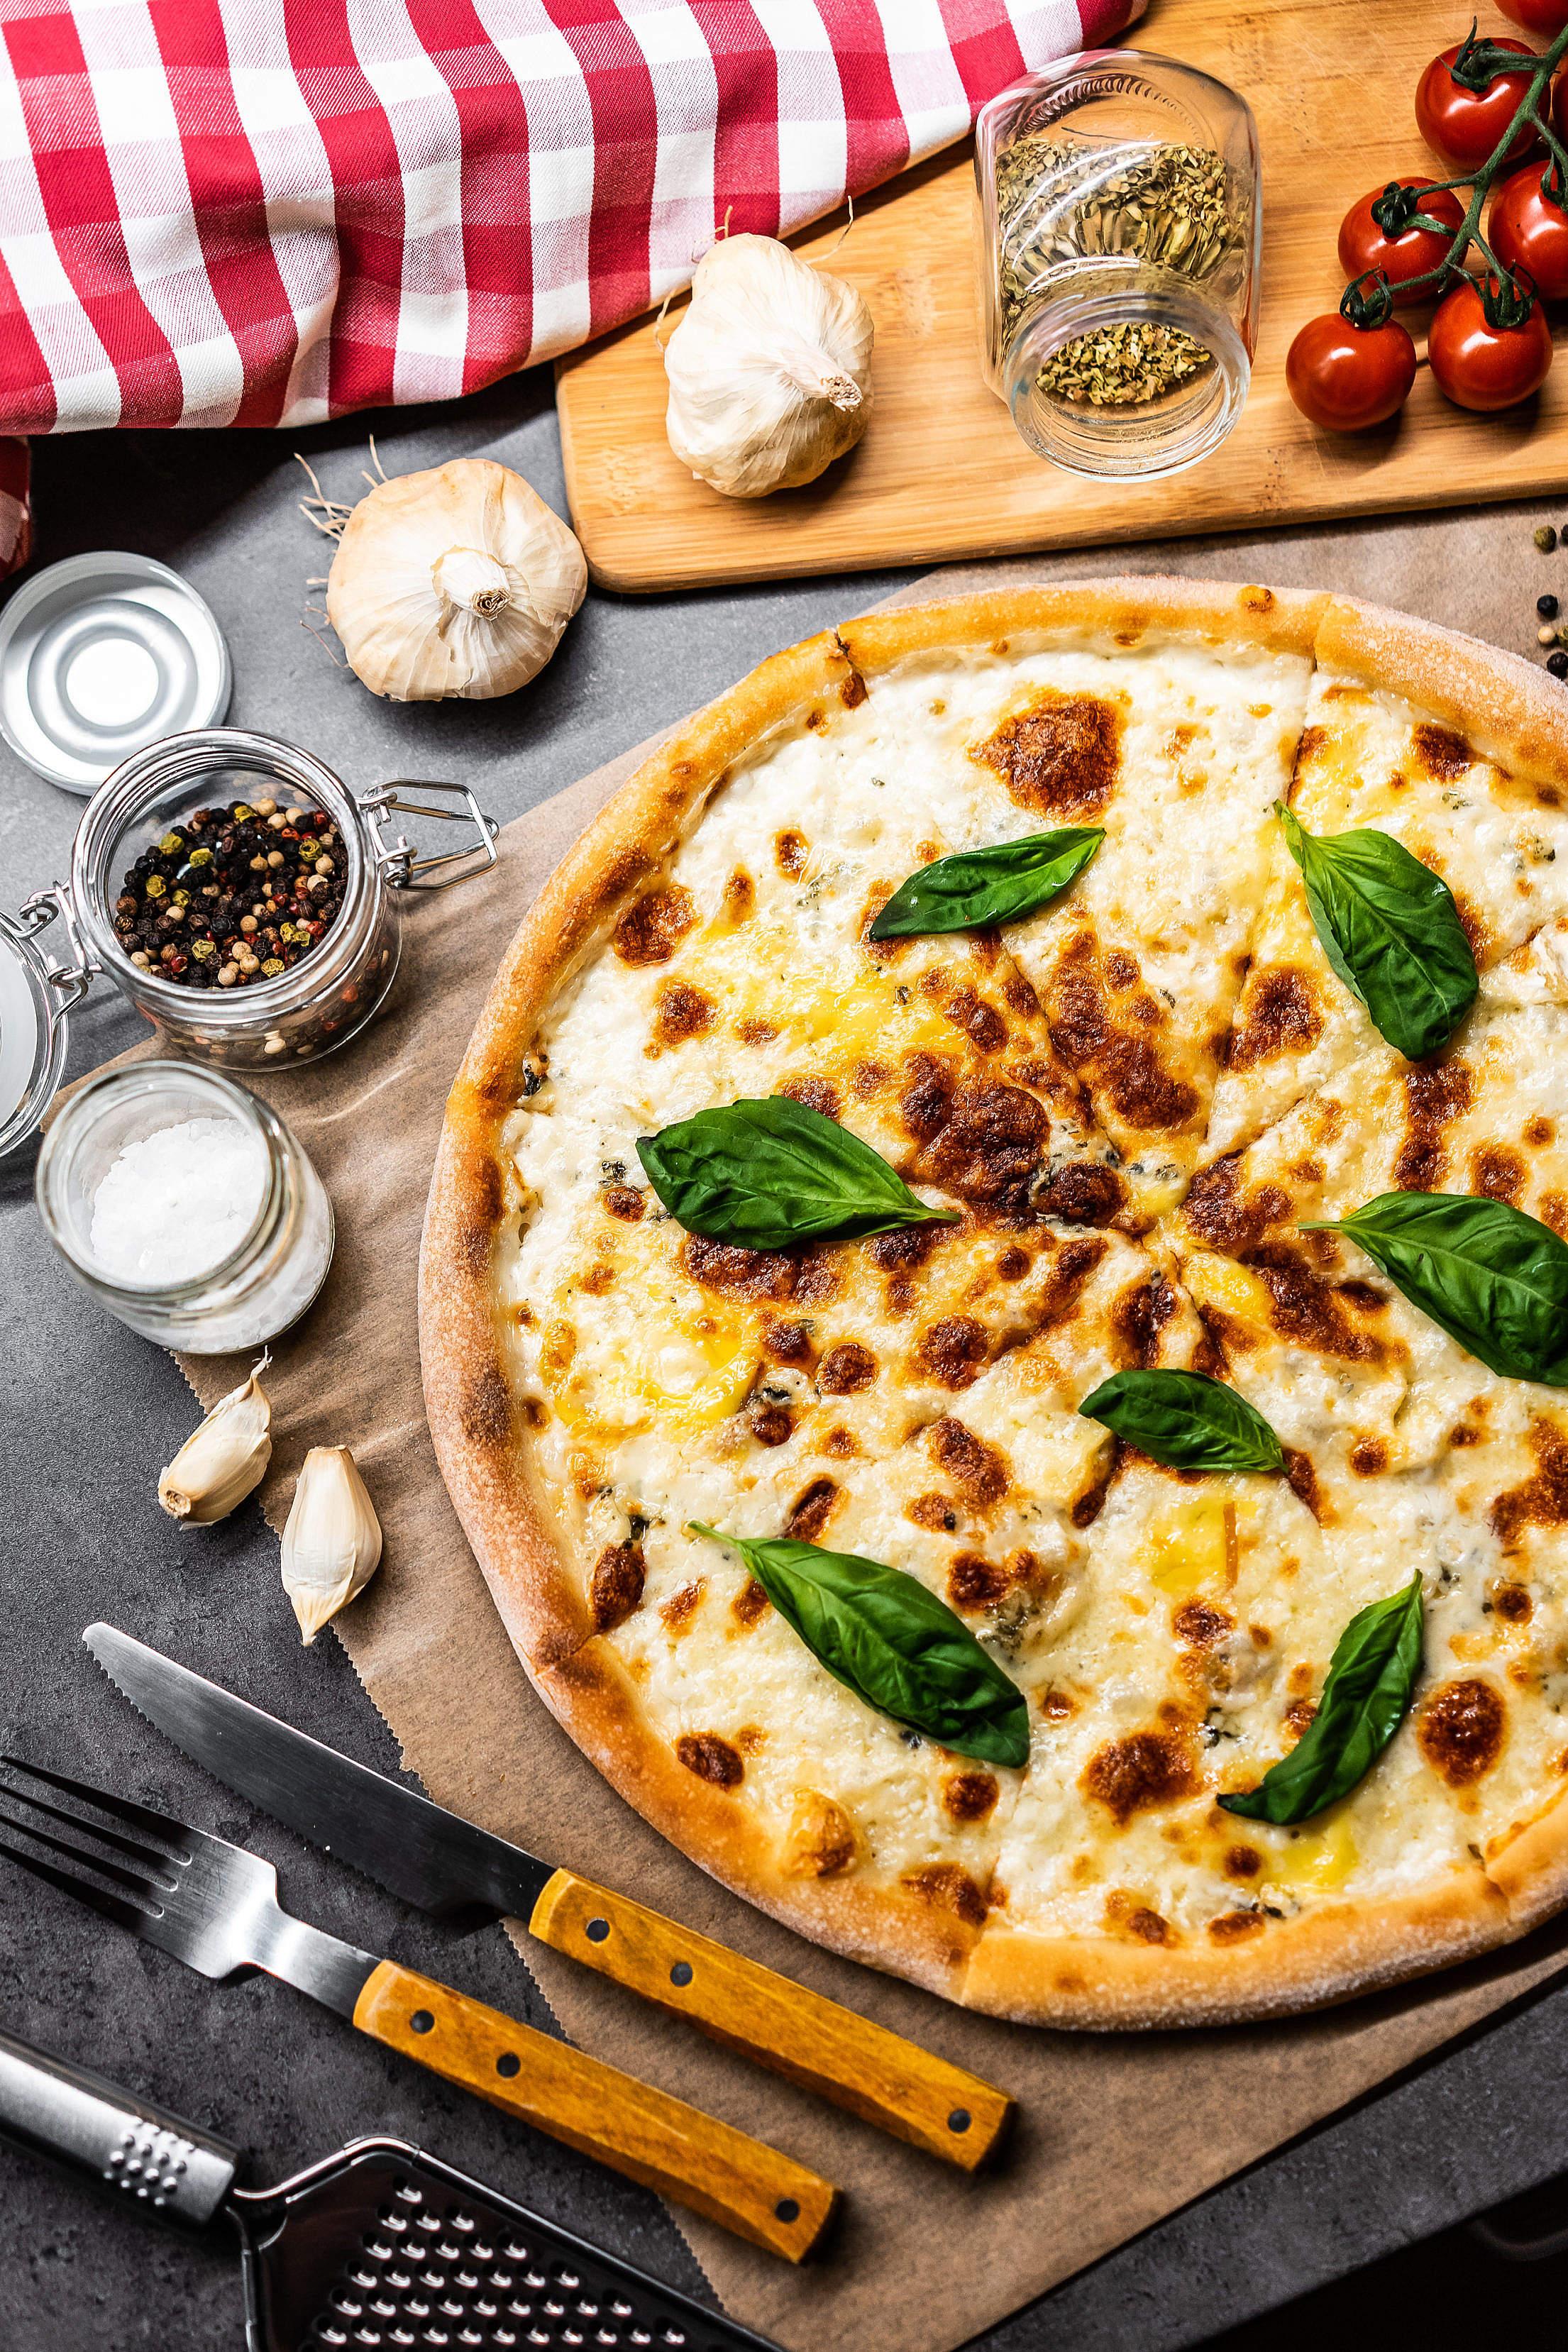 Pizza Quattro Formaggi Vertical Free Stock Photo